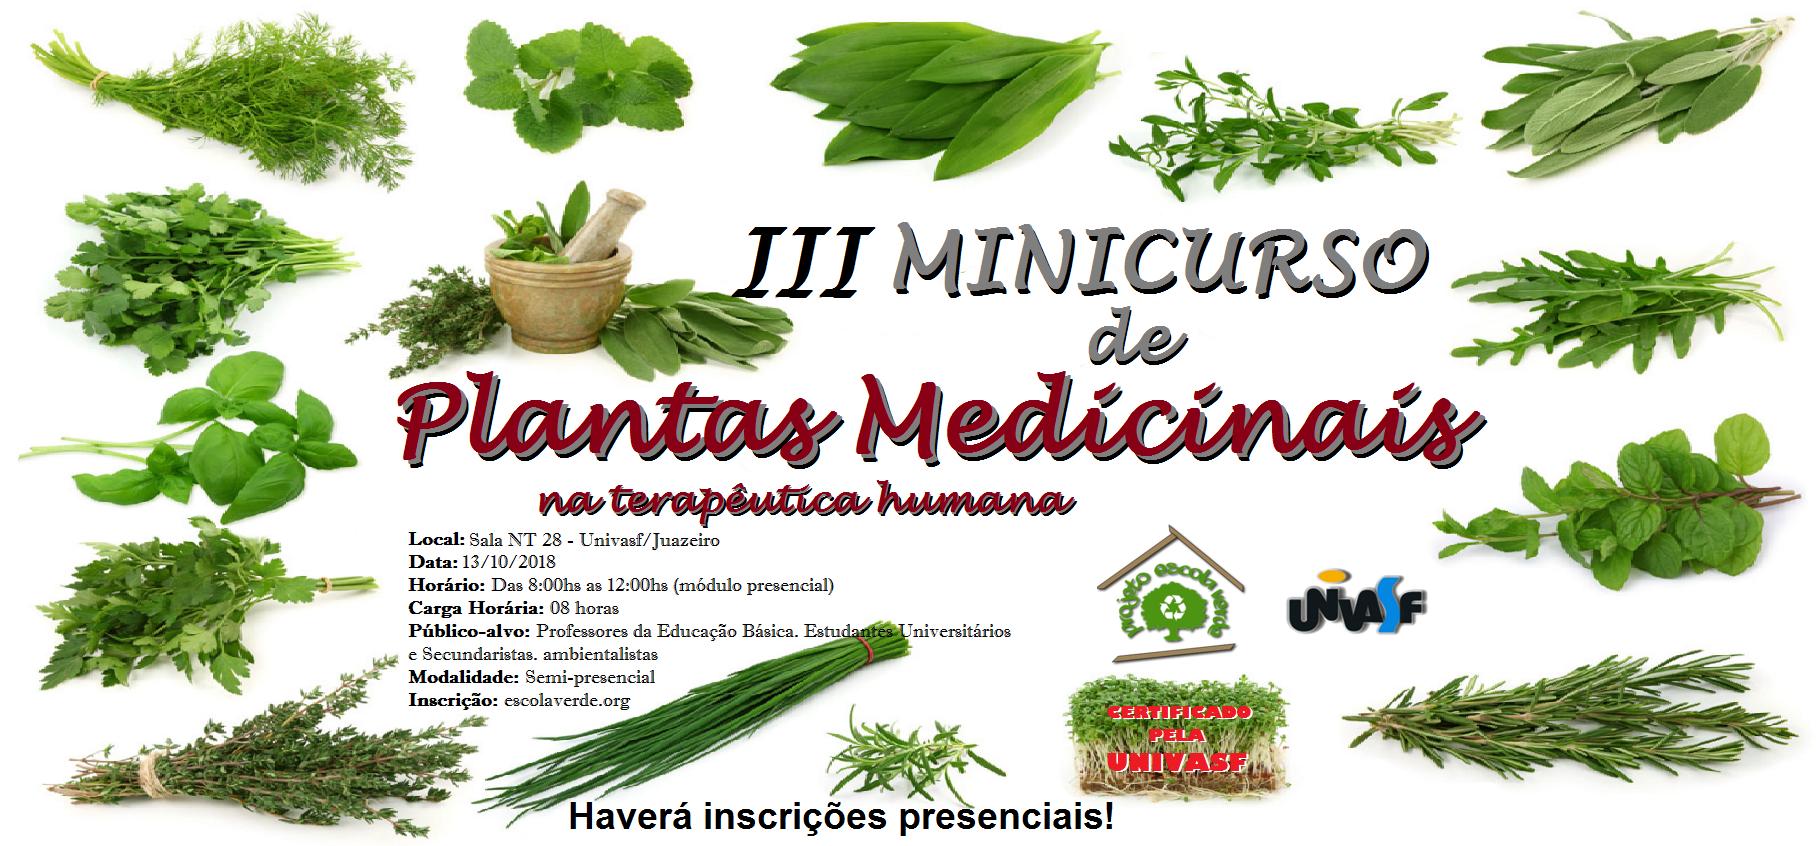 banner do III minicurso de plantas medicinais